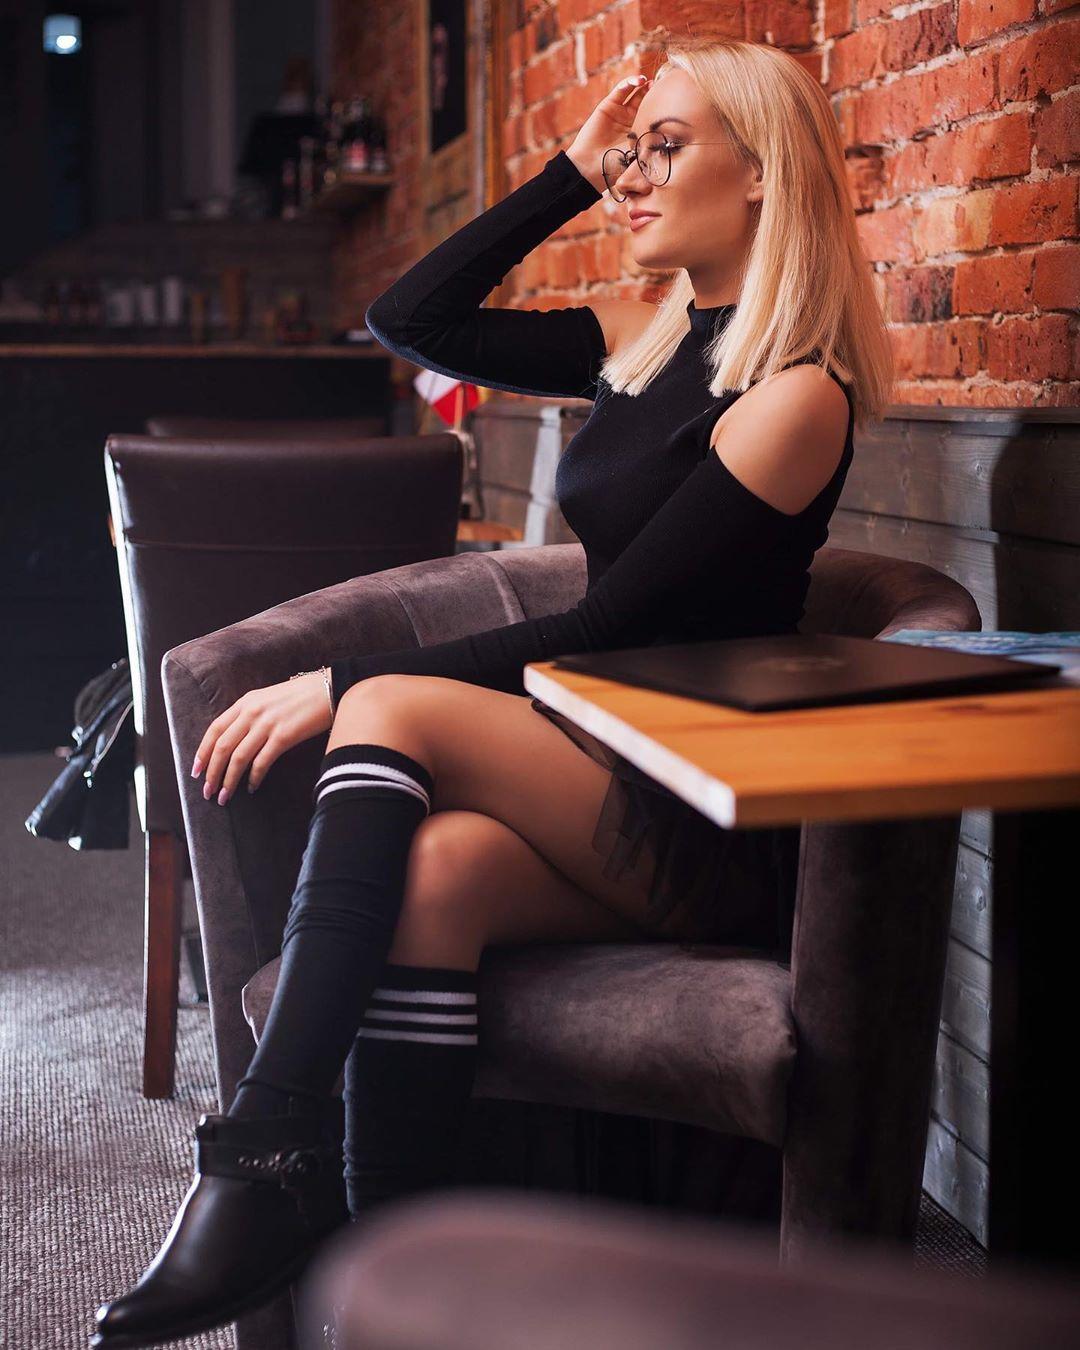 Adrianna-Strzalka-Wallpapers-Insta-Fit-Bio-12